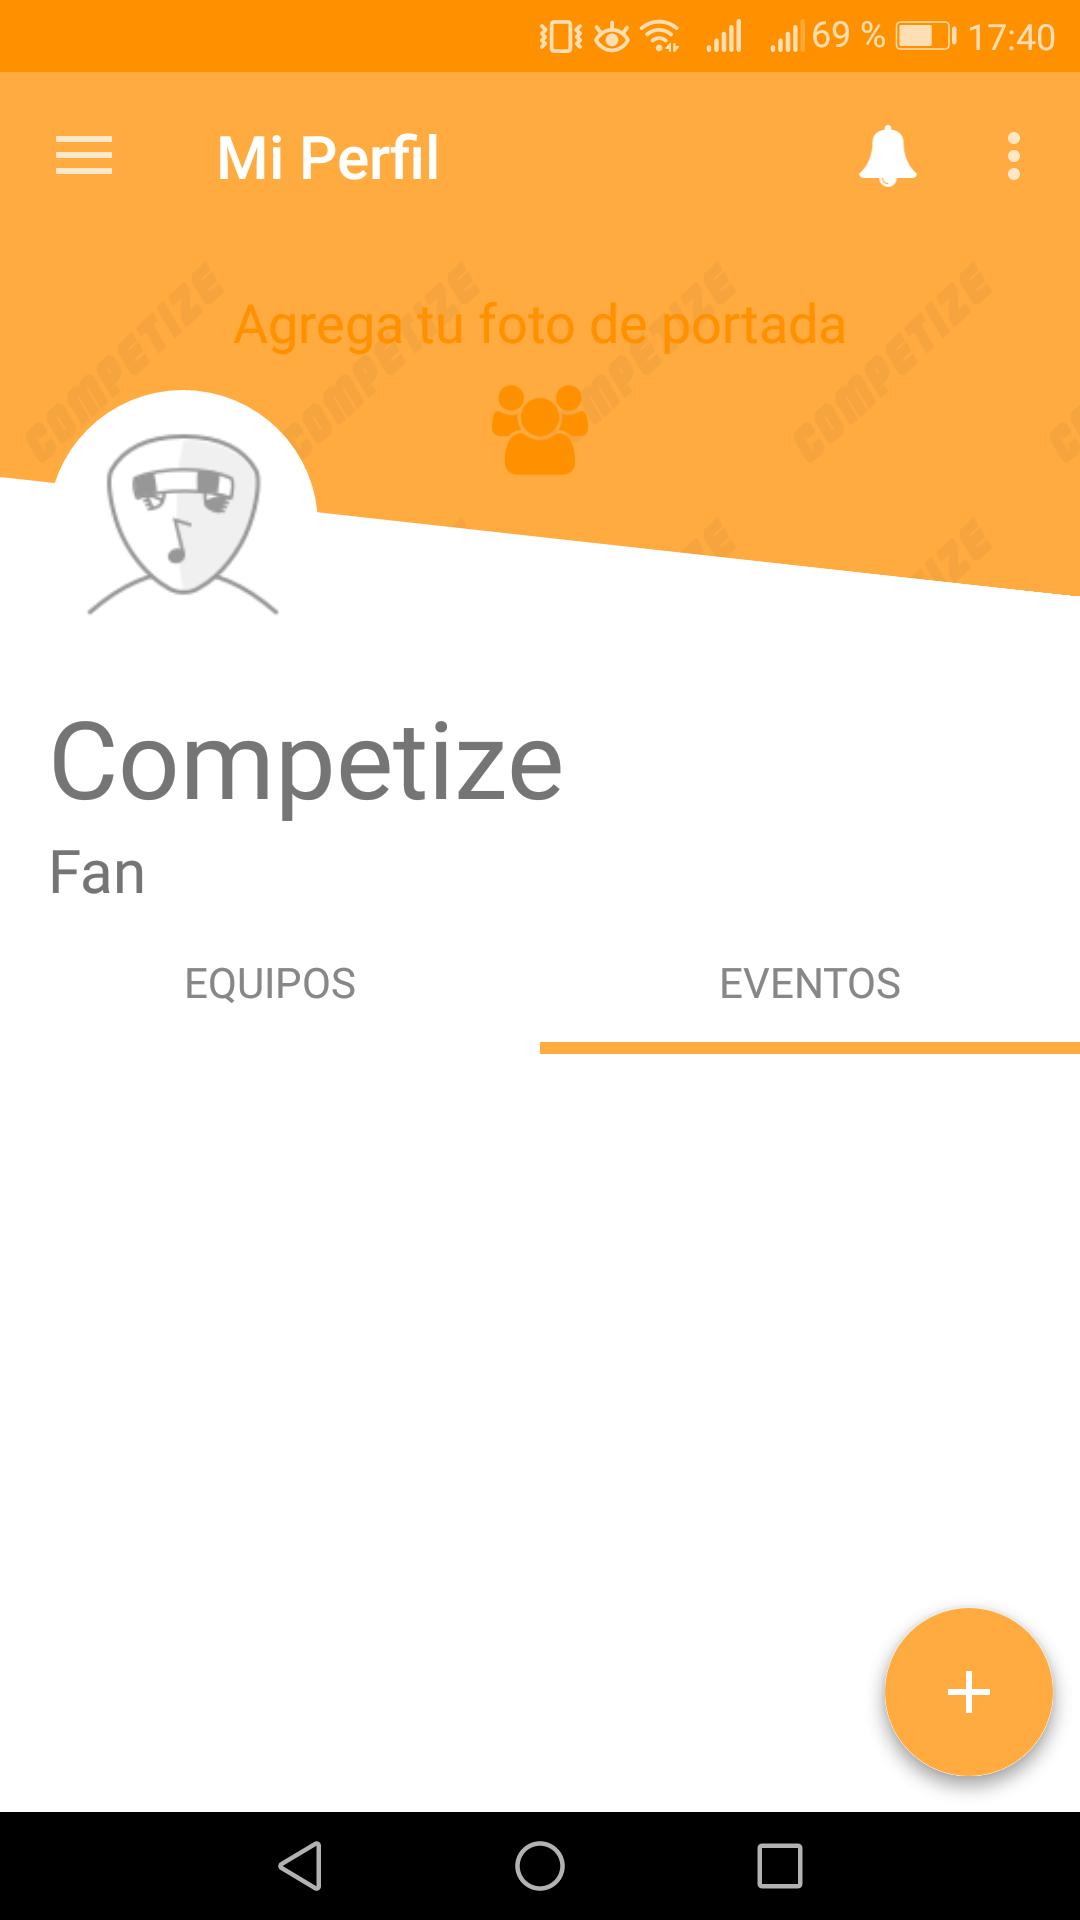 Torneos favoritos en app móvil